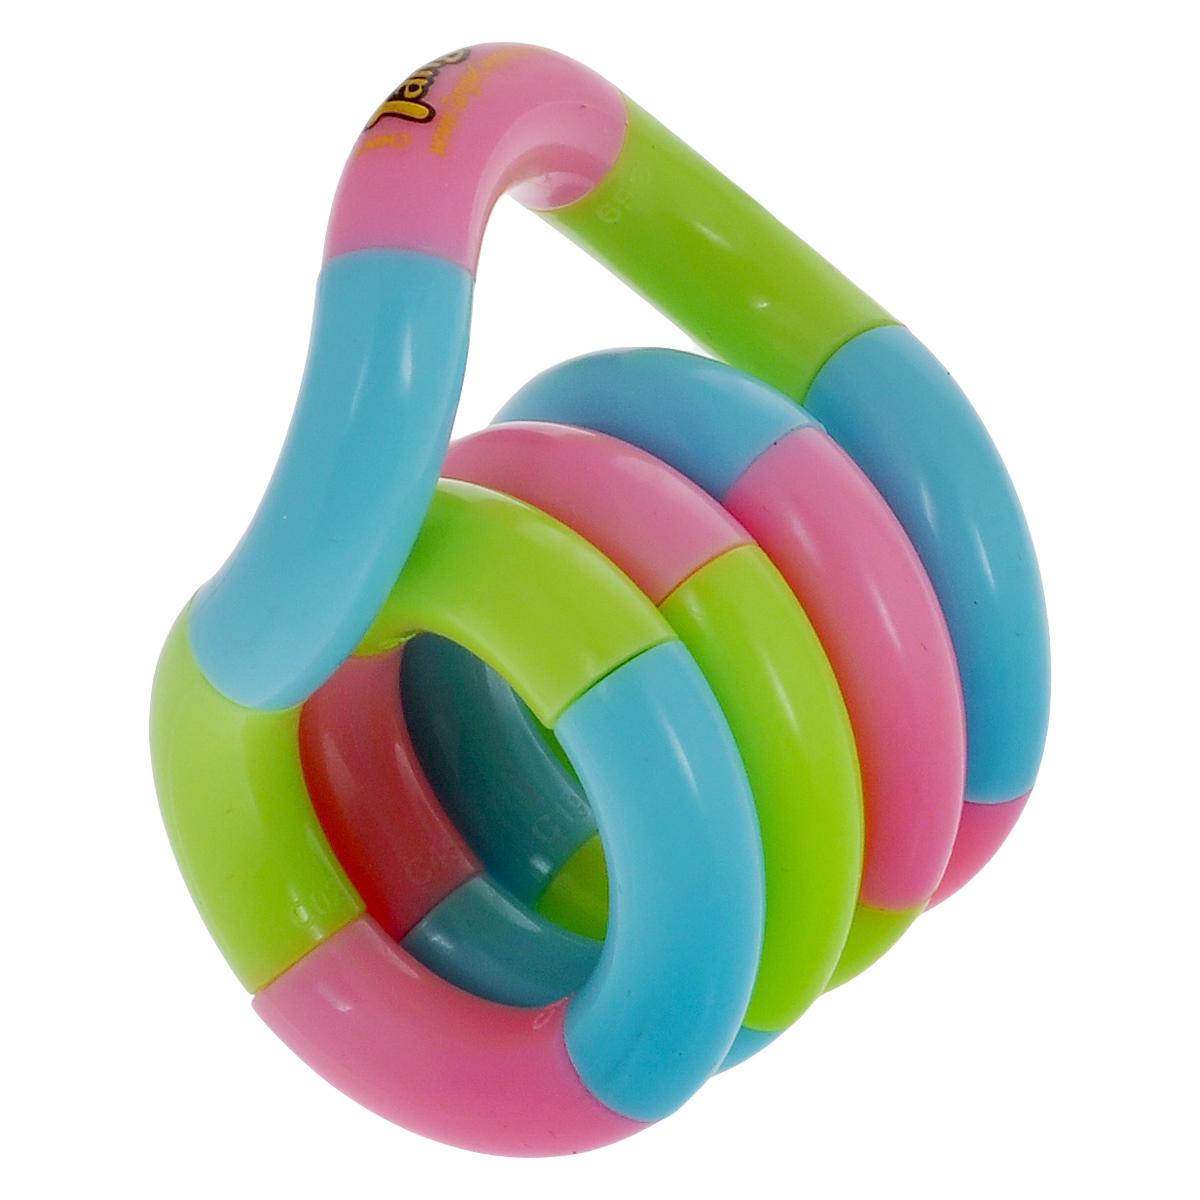 """Змейка """"Tangle. Классик"""", цвет: голубой, салатовый, розовый"""